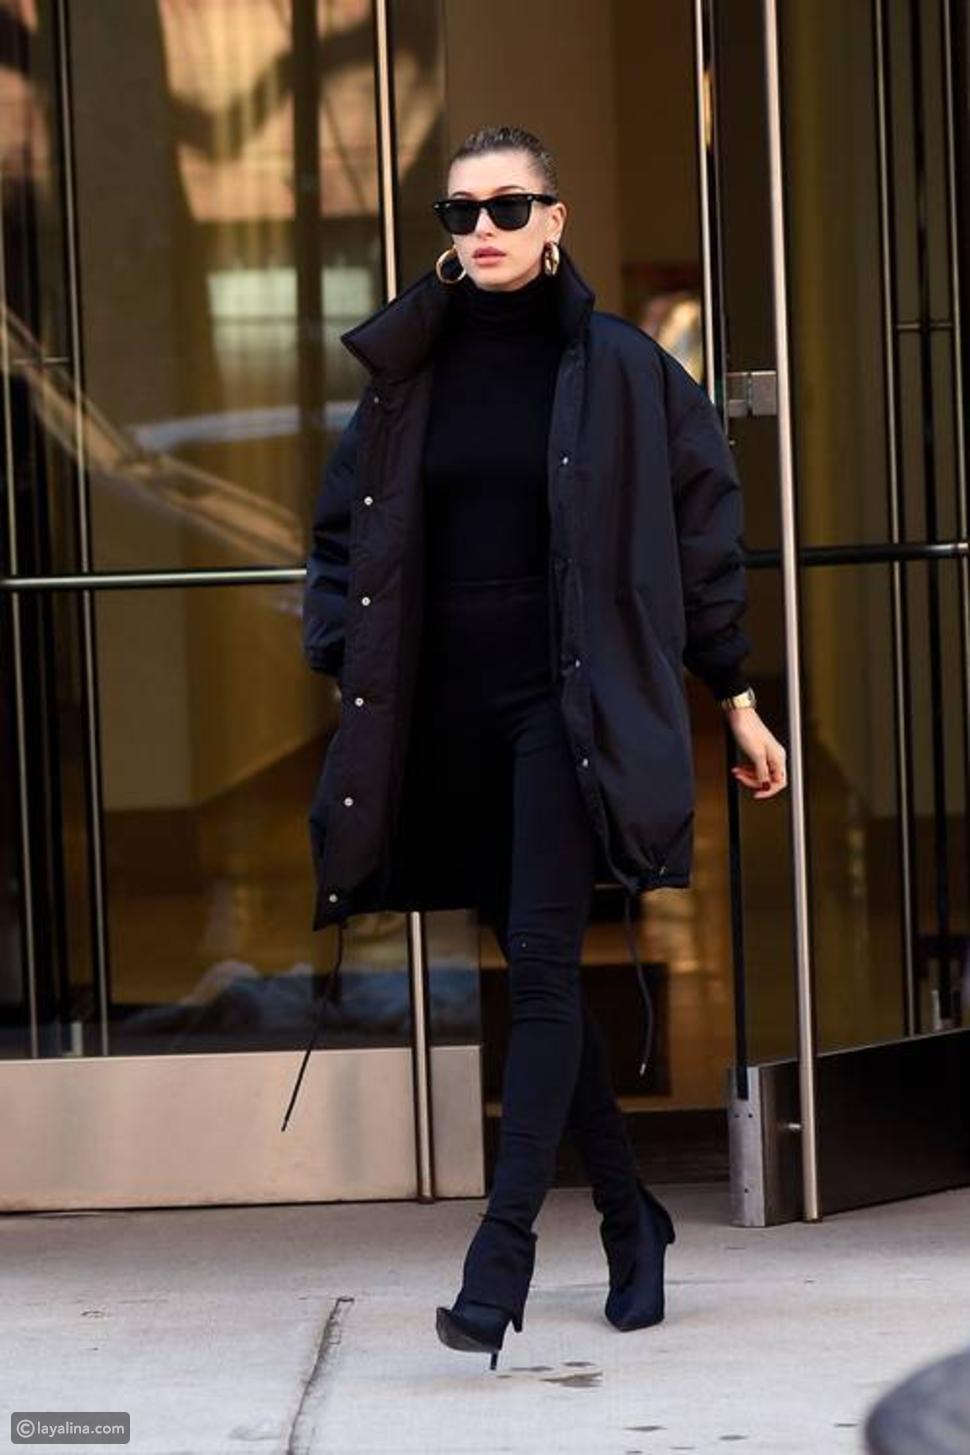 بنطال الليجنز مع معطف أسود وتوب عالي الرقبة